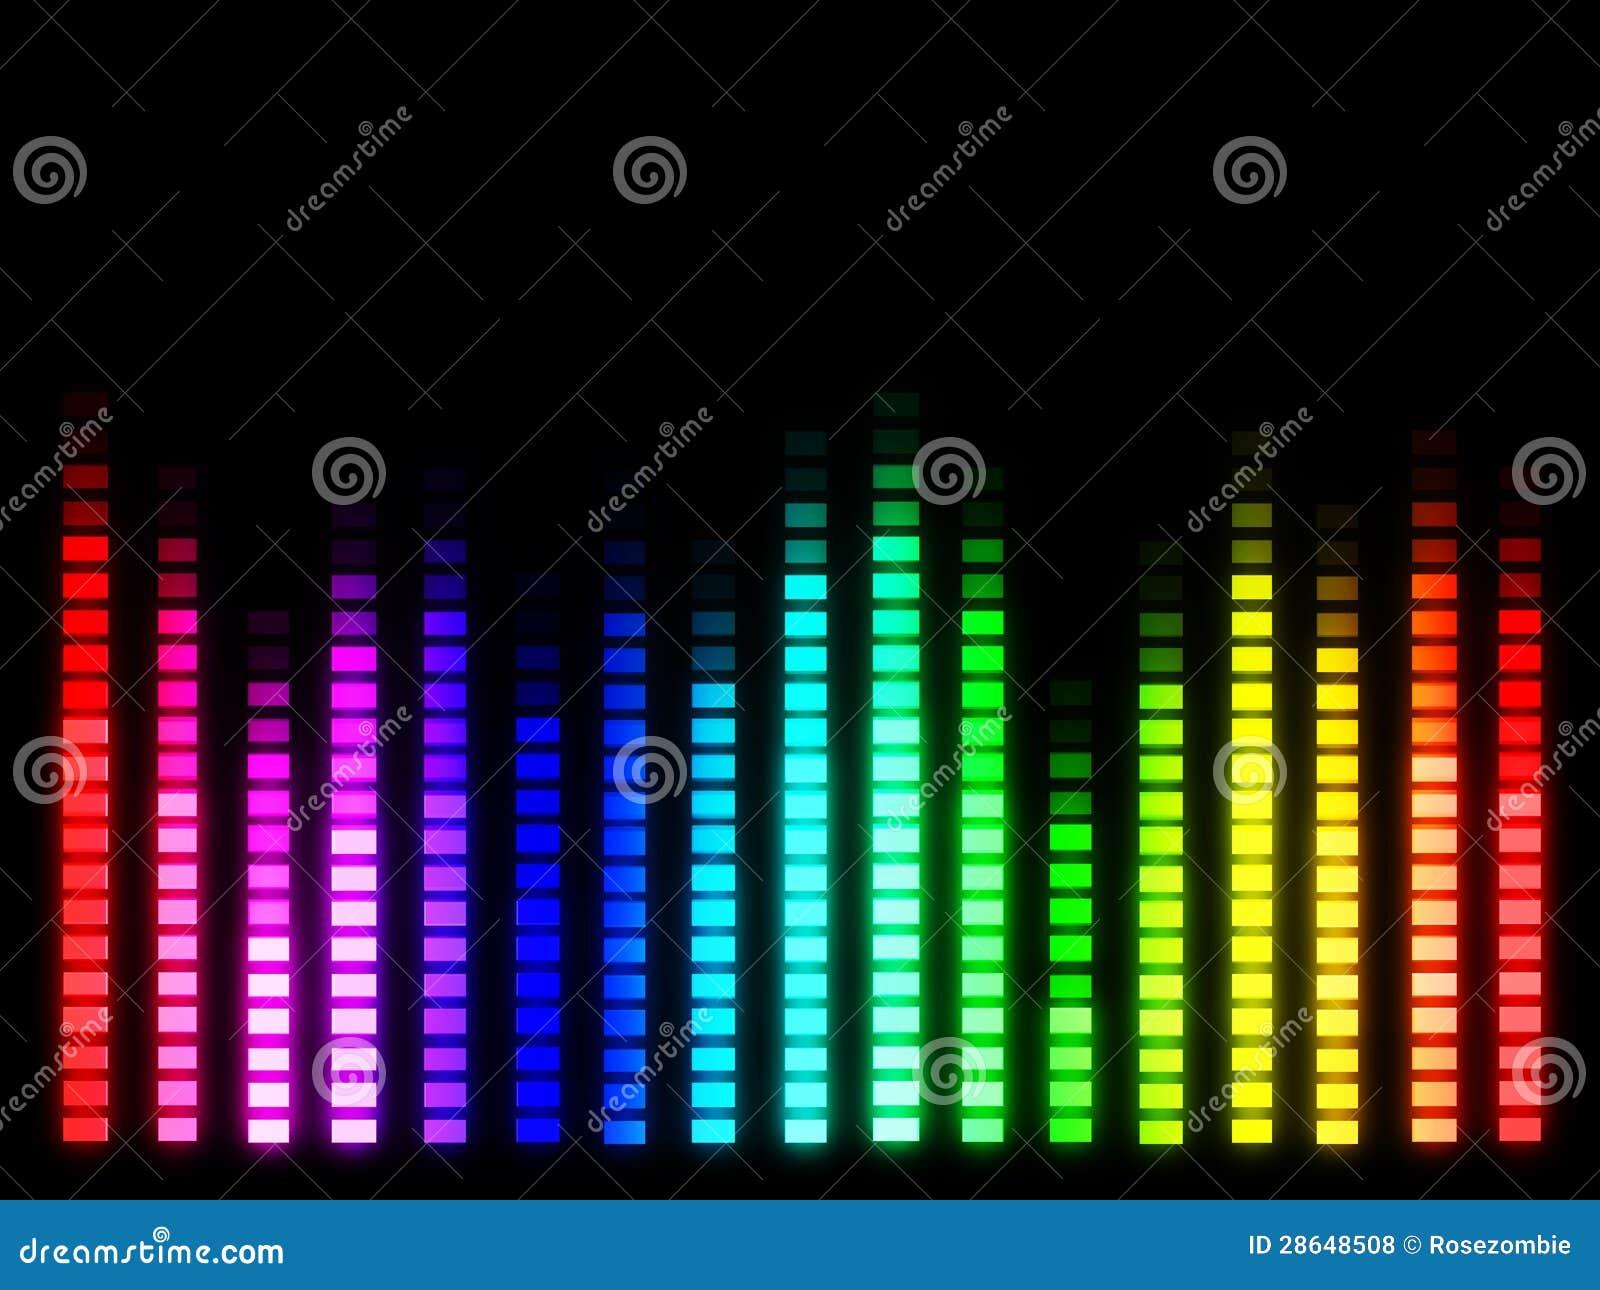 equalizer wallpaper download